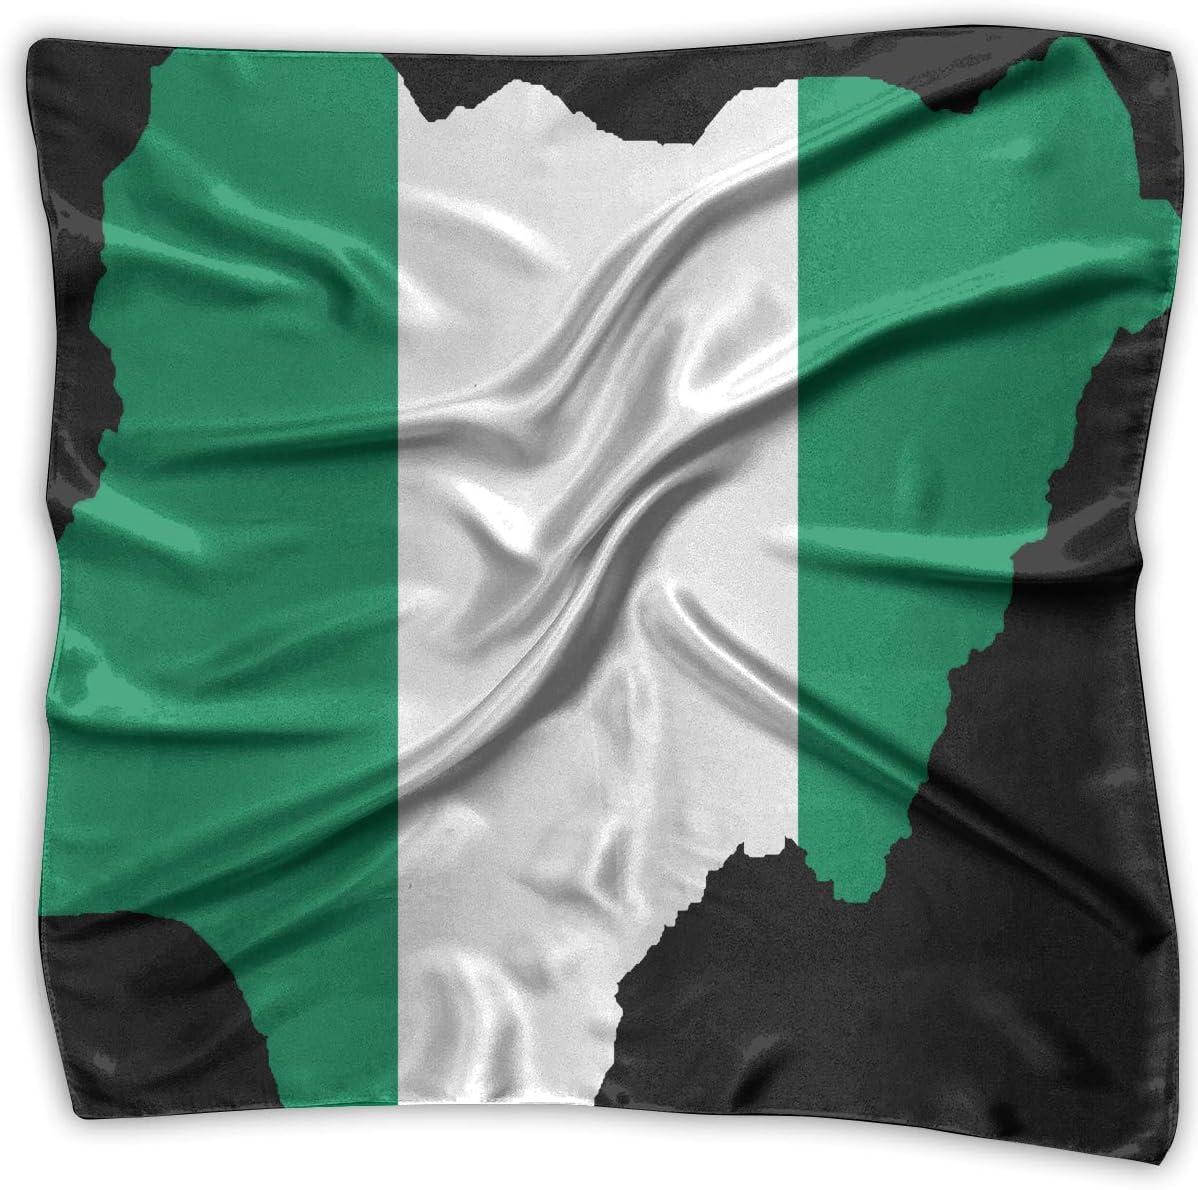 WFIRE Pañuelo Cuadrado 2018 con diseño de Bandera de Nigeria y Mapa, Bufanda, Chal, pañuelos, pañuelo, pañuelo para el Pelo: Amazon.es: Deportes y aire libre